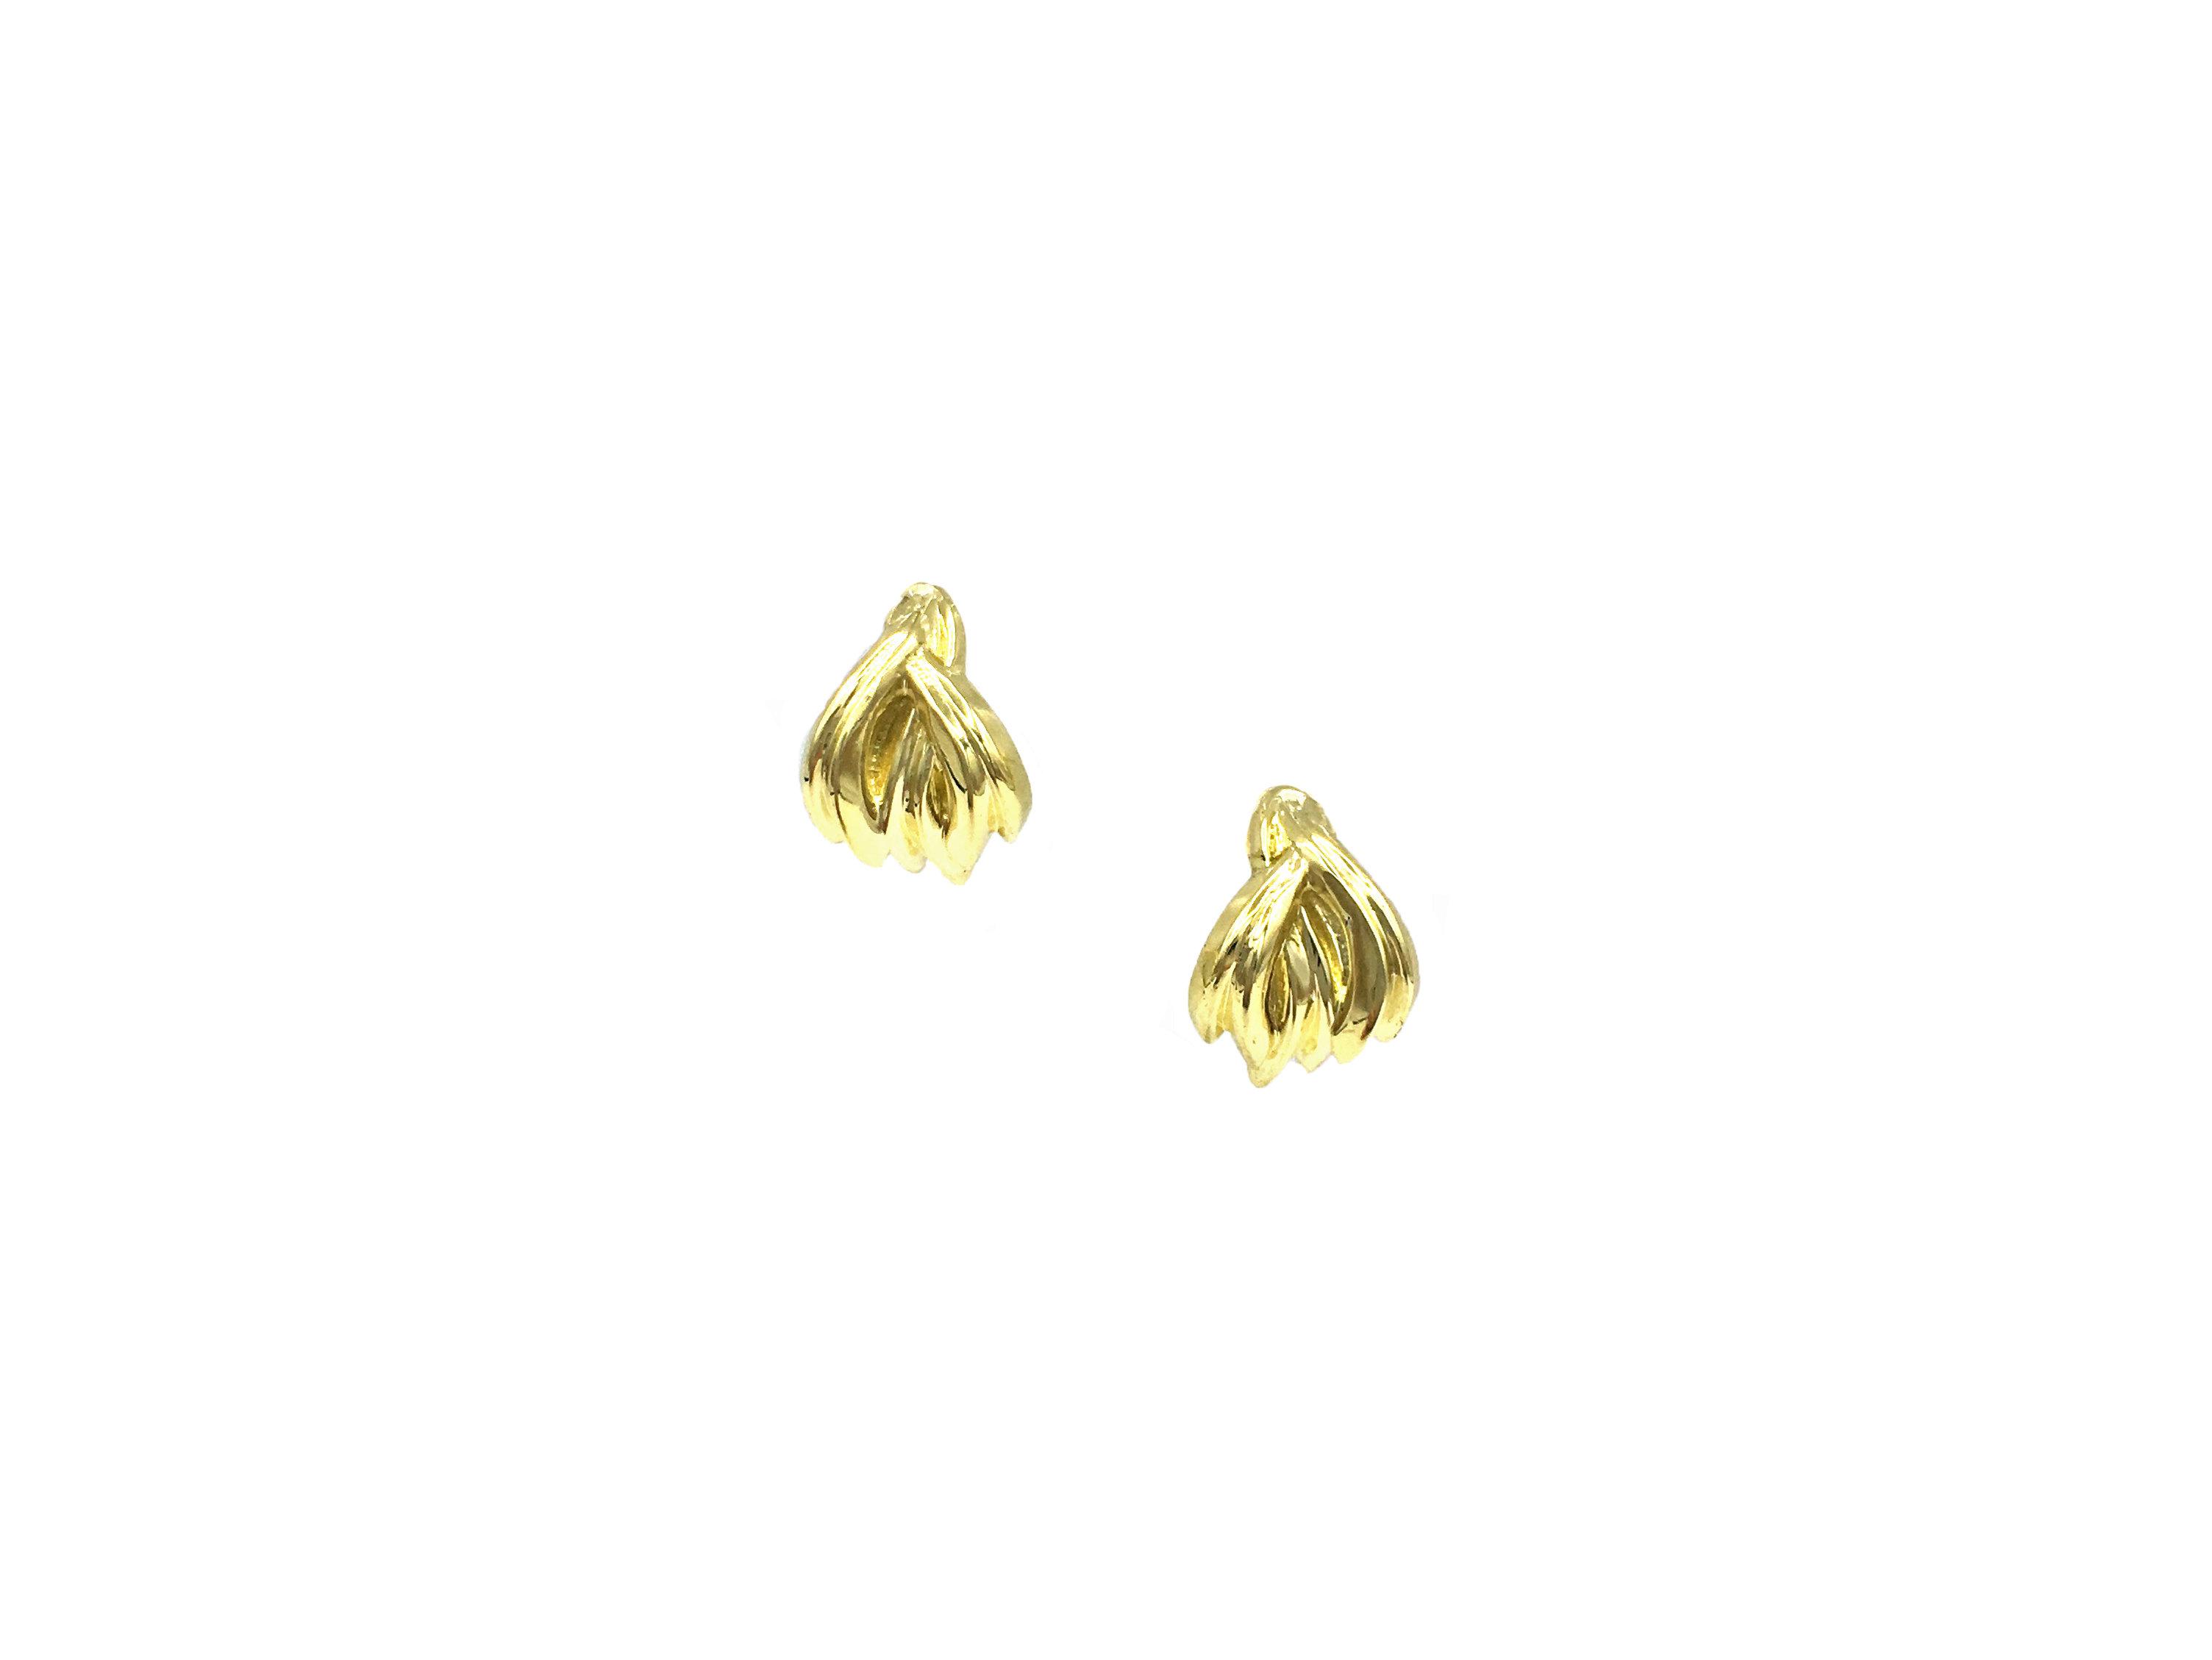 eed51a65723 Terrace Weave Stud Earrings | 18k Yellow Gold | originaleve